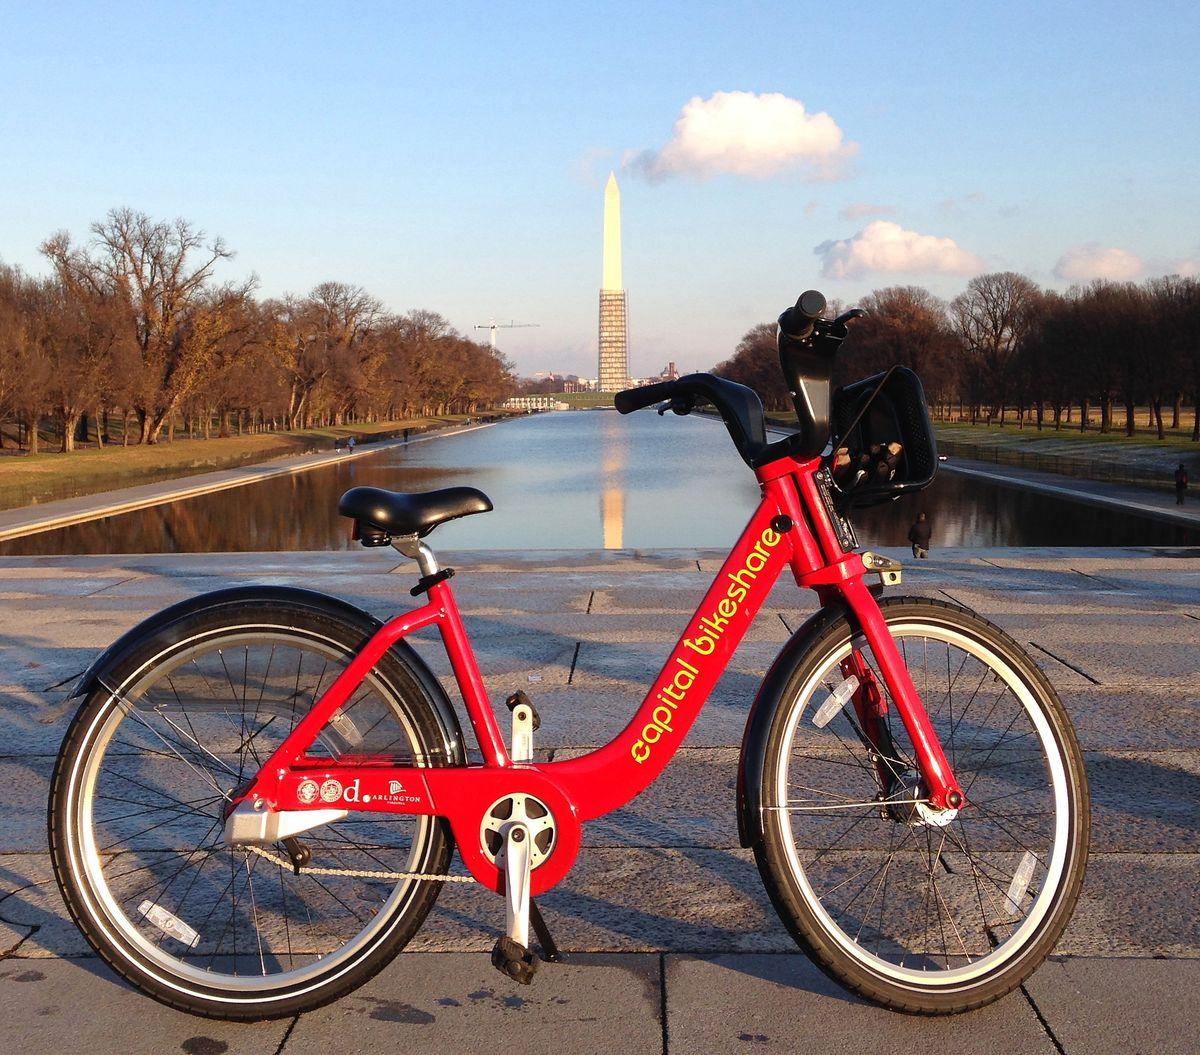 dc bikeshare